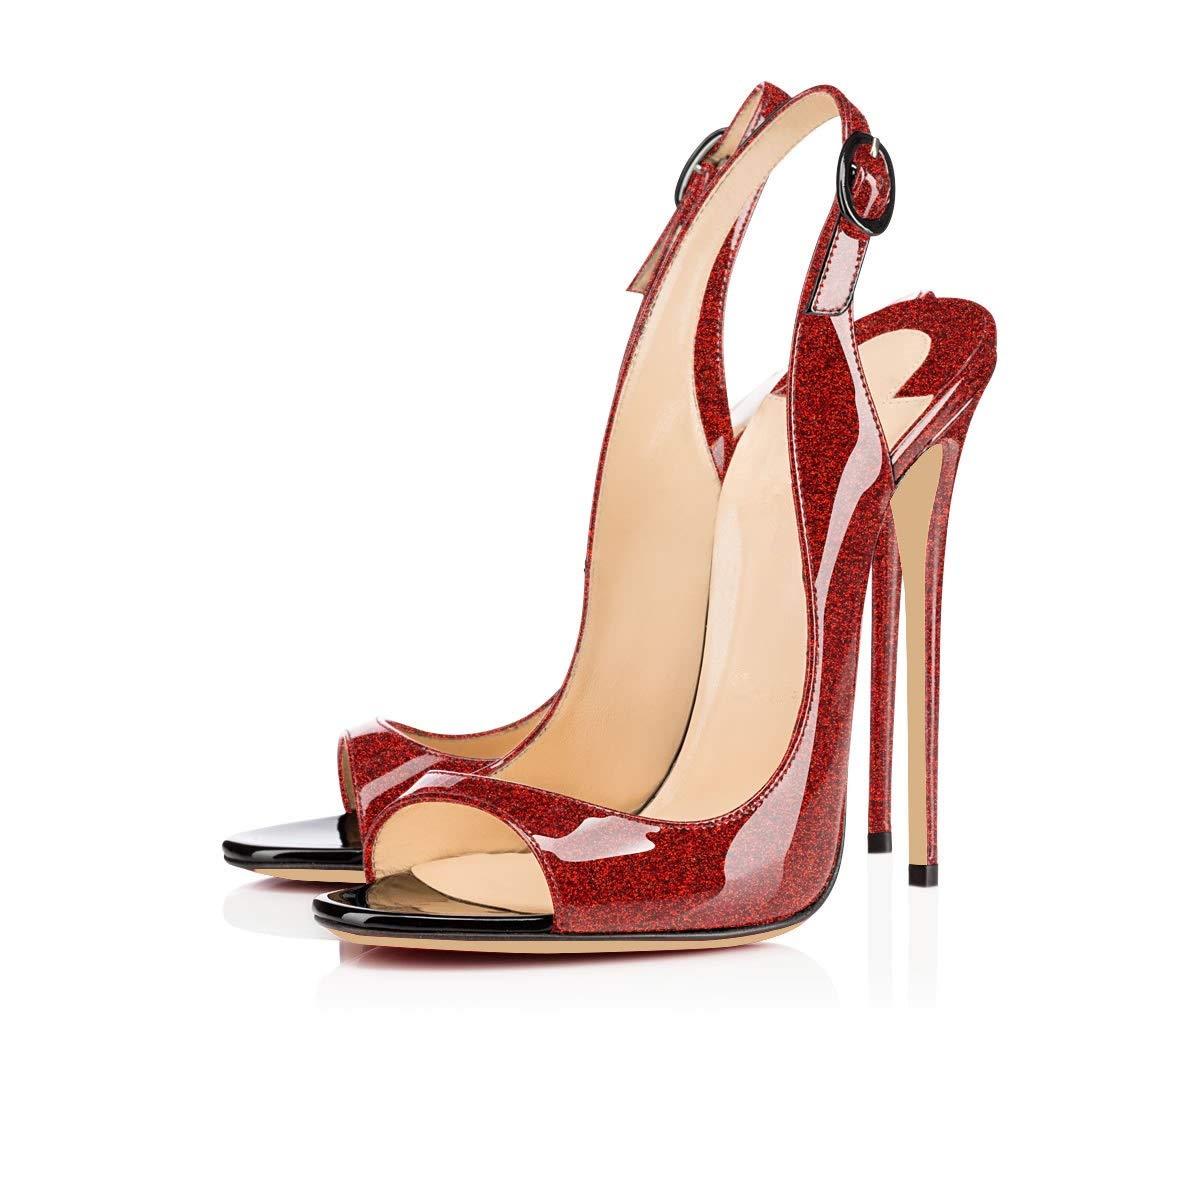 EDEFS Femmes Artisan Fashion Sandales D/écollet/és Bout Ouverts Chaussures /à Talon Haut de 120mm Noir